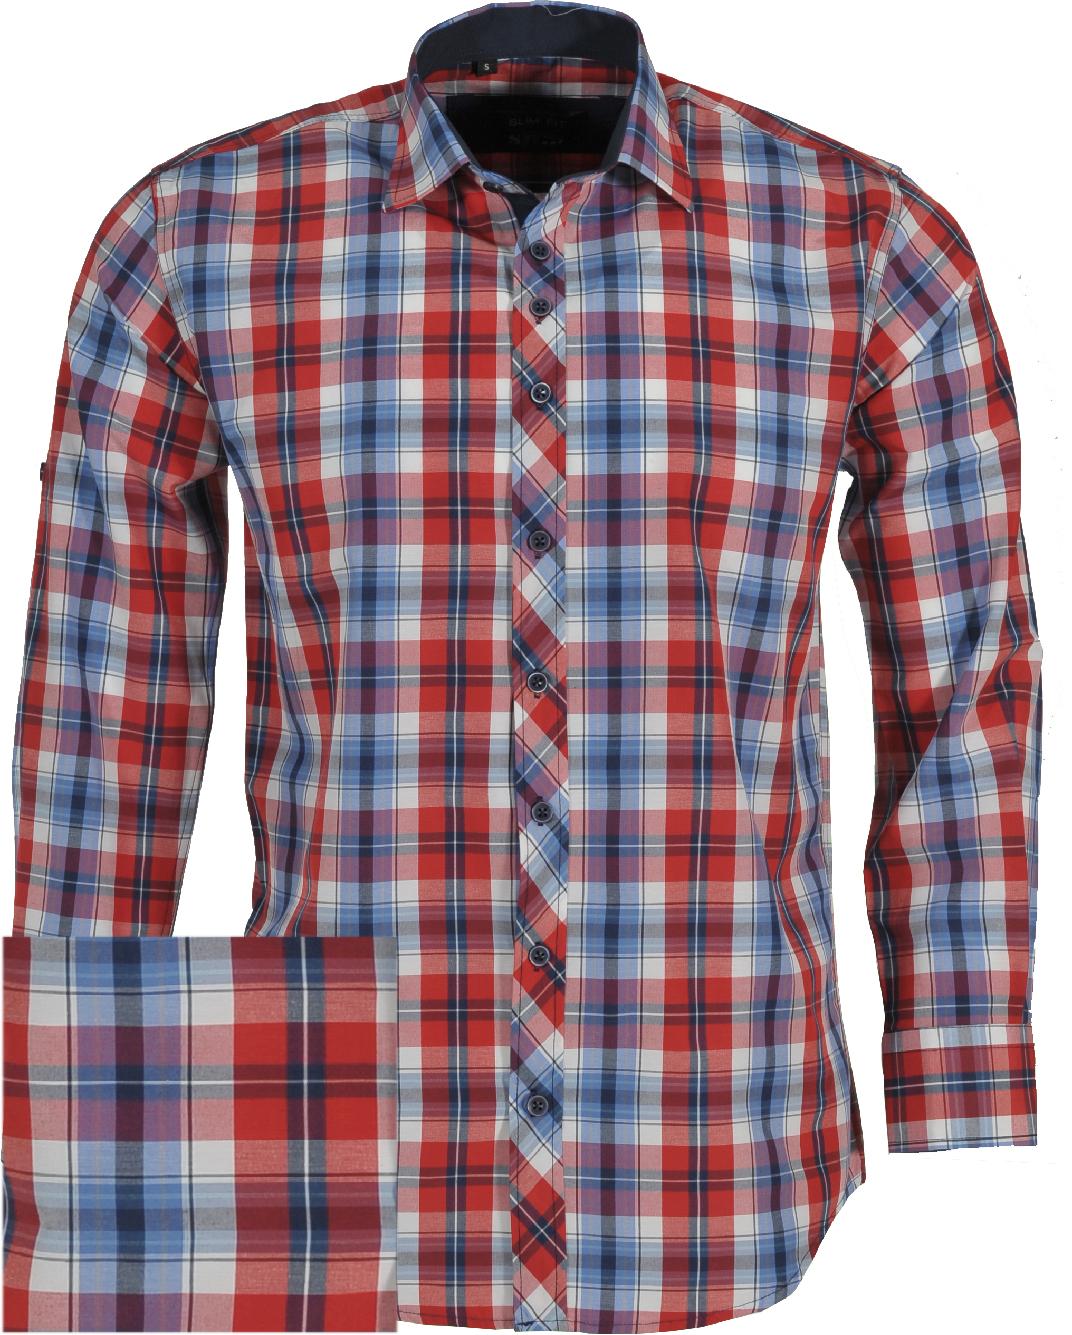 Ανδρικό Πουκάμισο So Fashion Red Καρώ-Κόκκινο αρχική ανδρικά ρούχα πουκάμισα